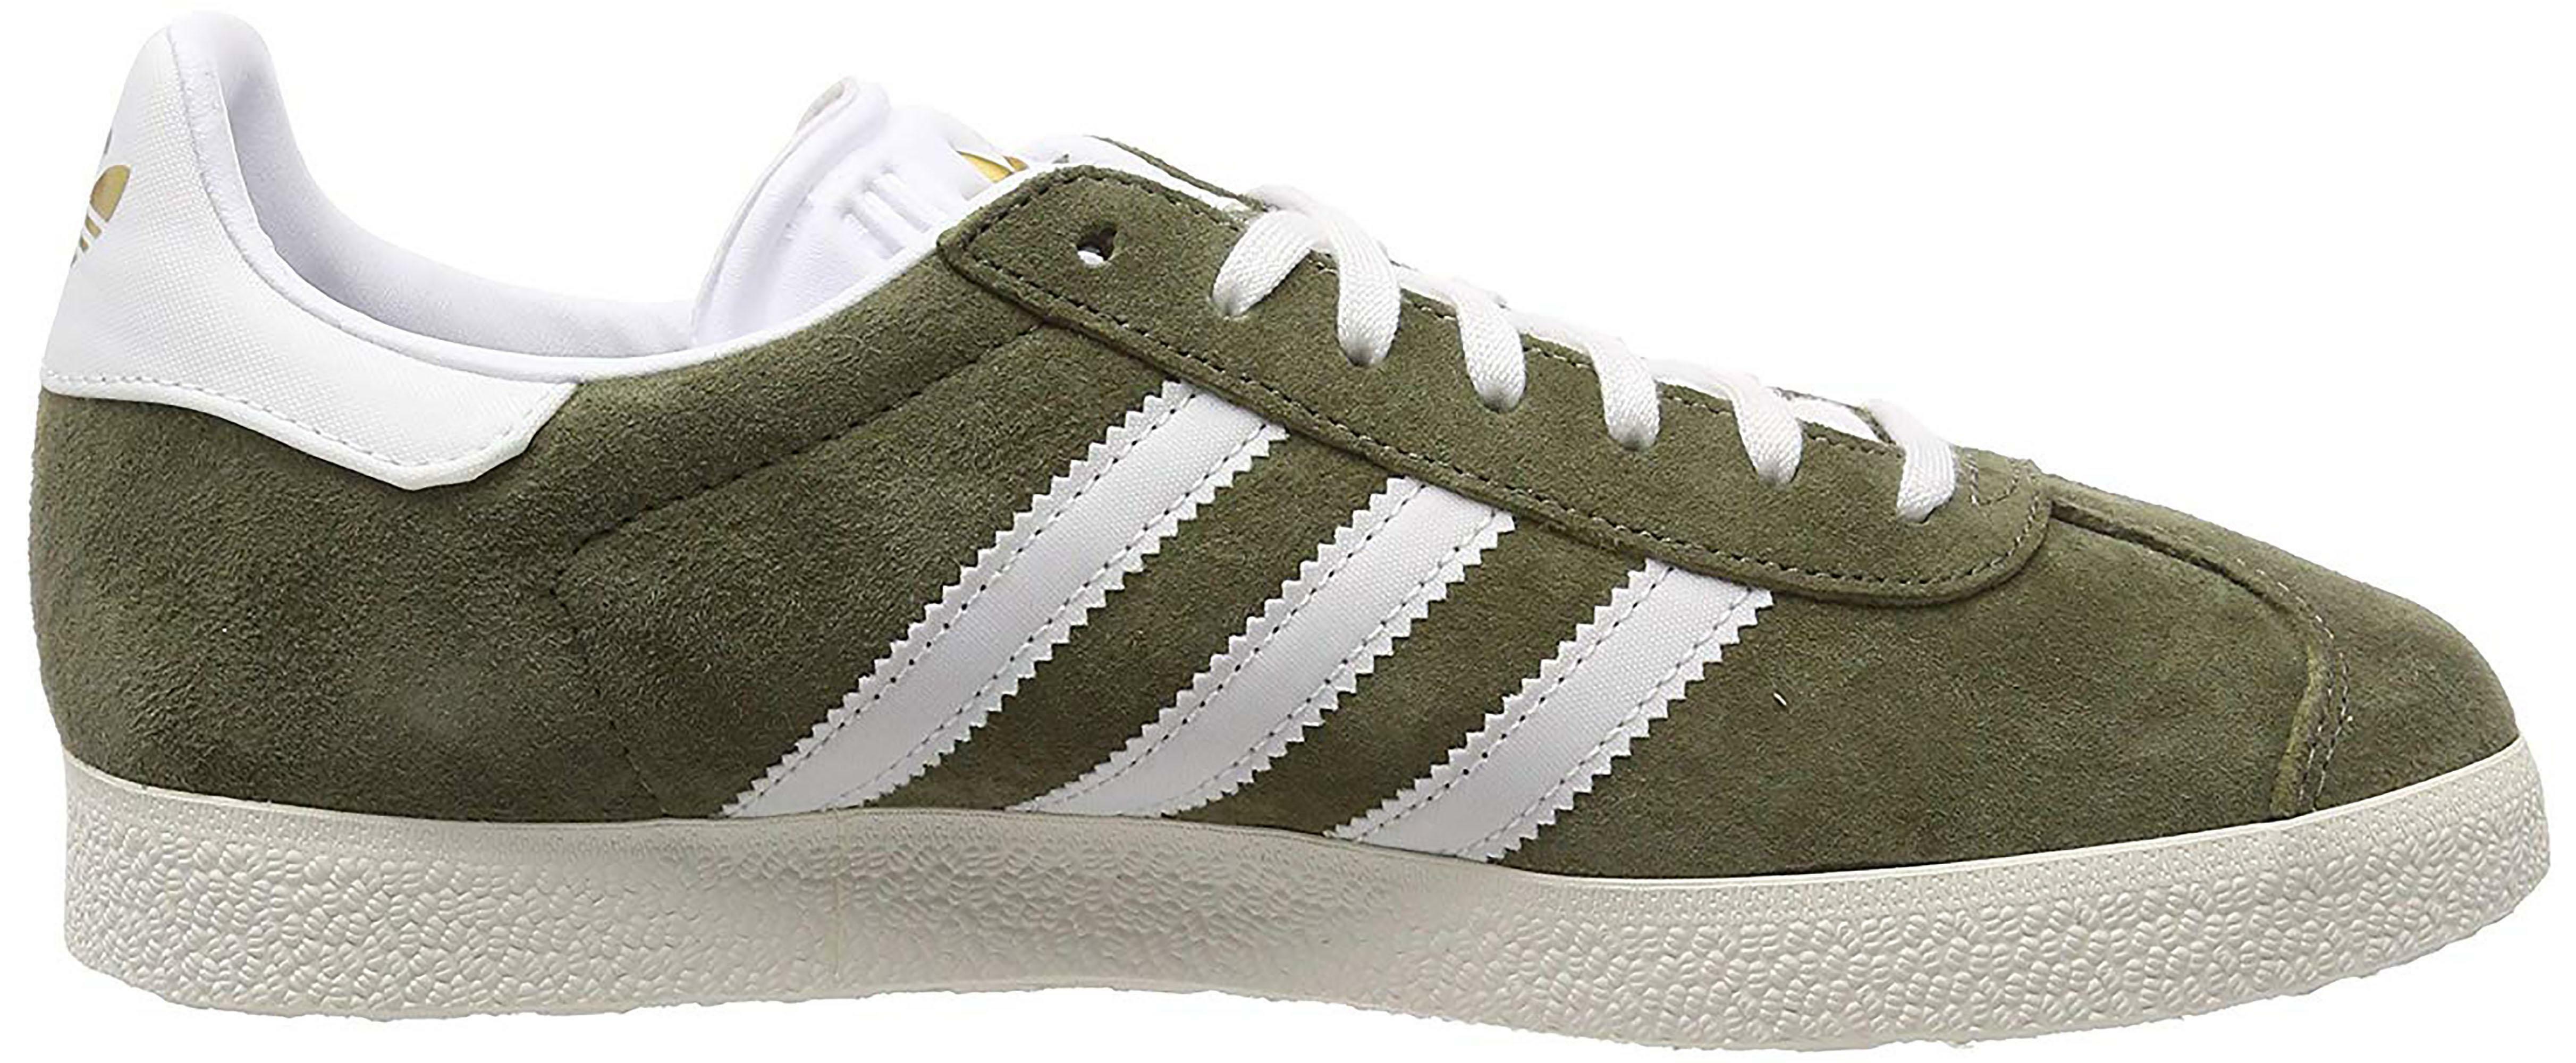 adidas adidas gazelle w scarpe sportive donna verdi cg6062